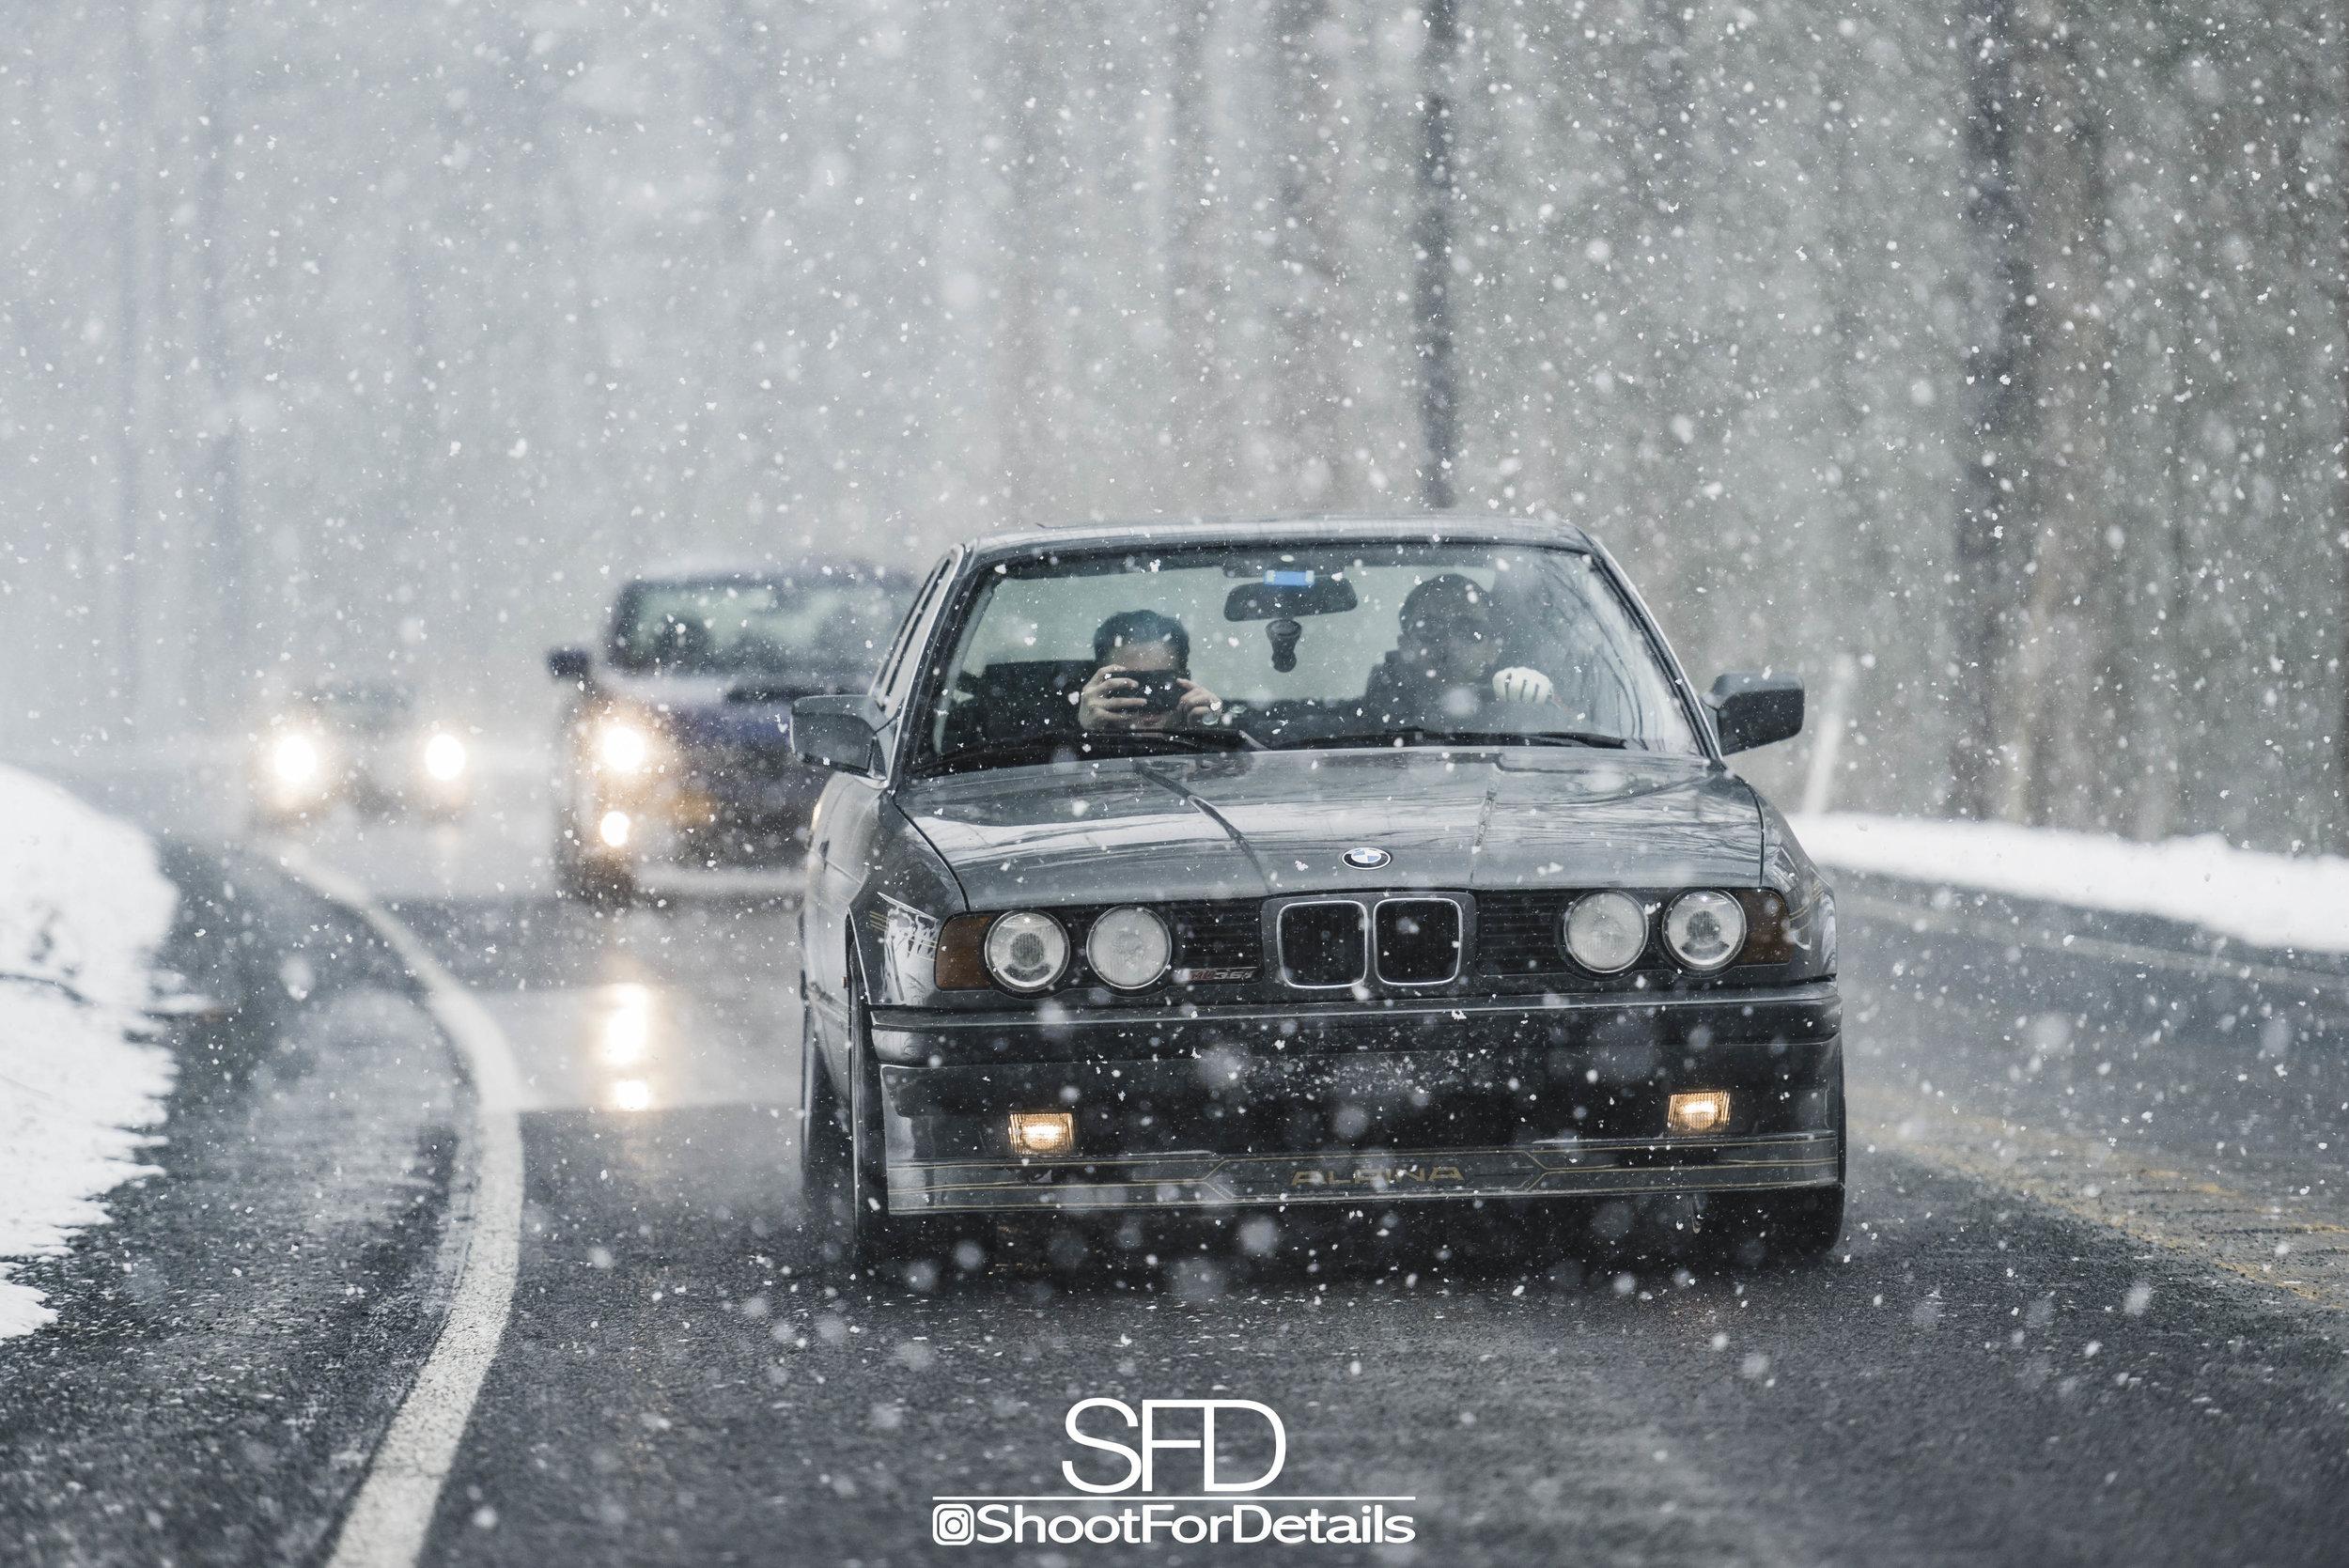 SFD_7252.jpg